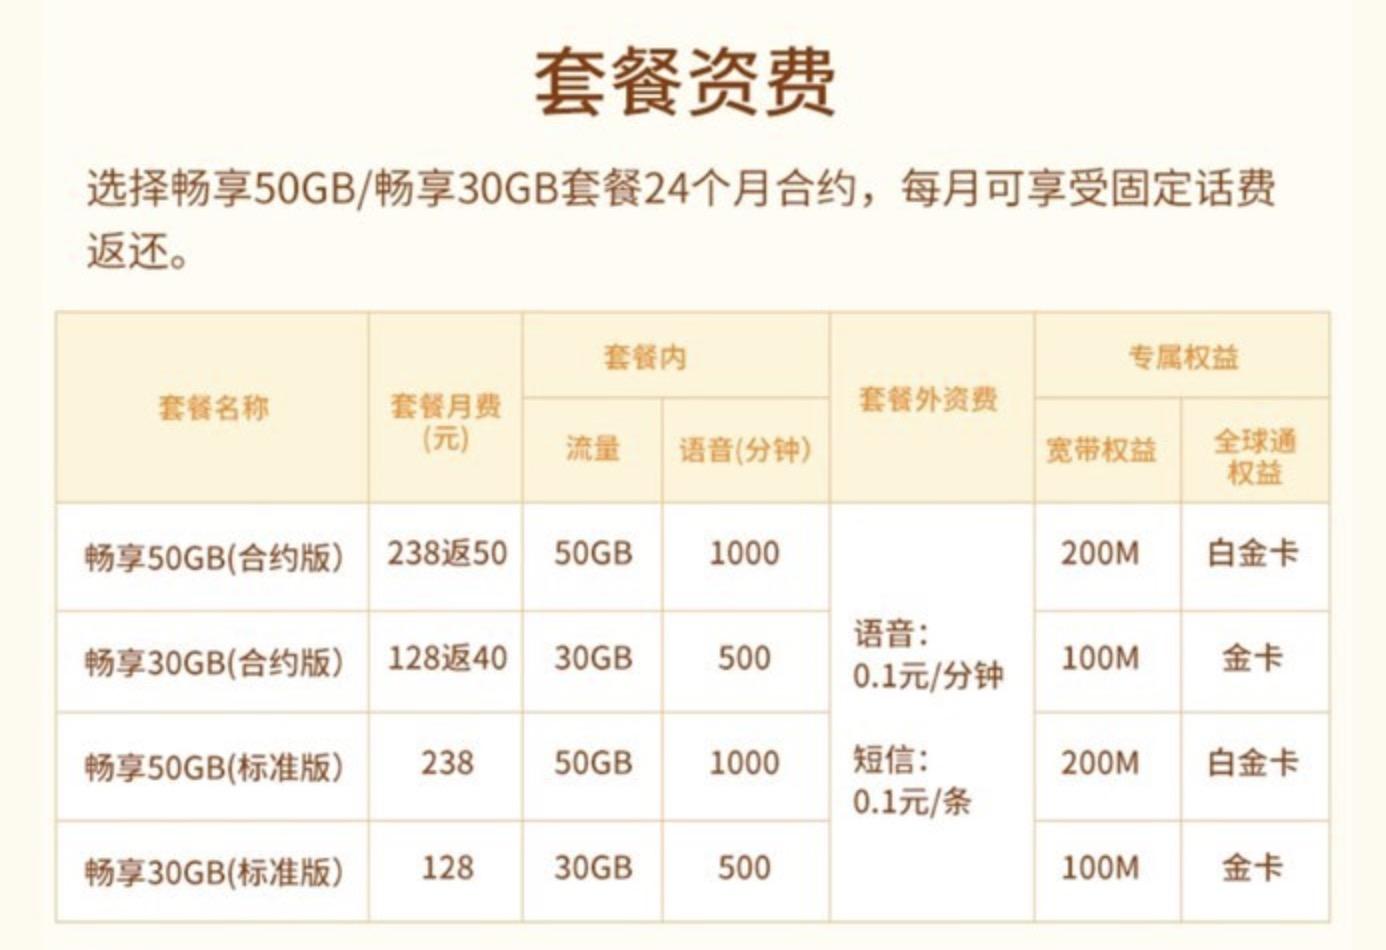 中国移动畅享50G套餐怎么样划算吗,如何申请办理?